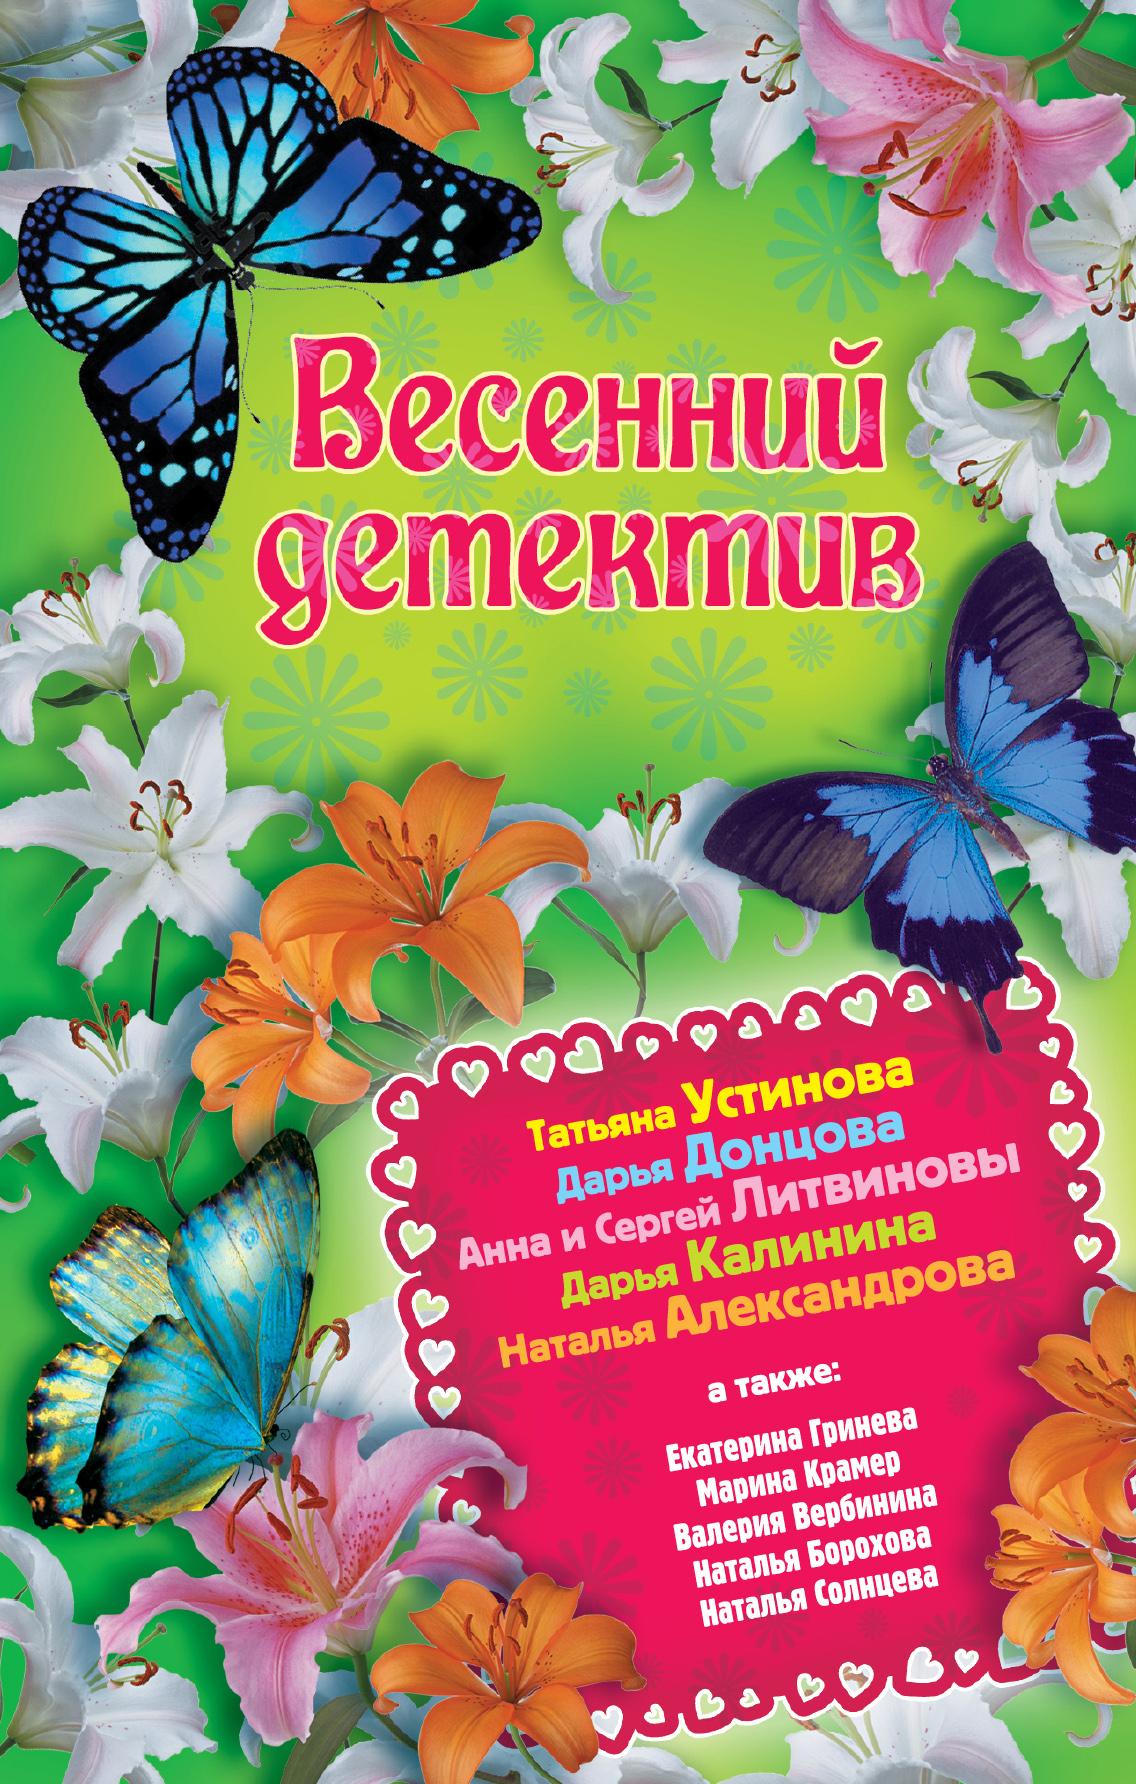 Дарья Донцова Весенний детектив 2013 (сборник) анна и сергей литвиновы та самая татьяна сборник